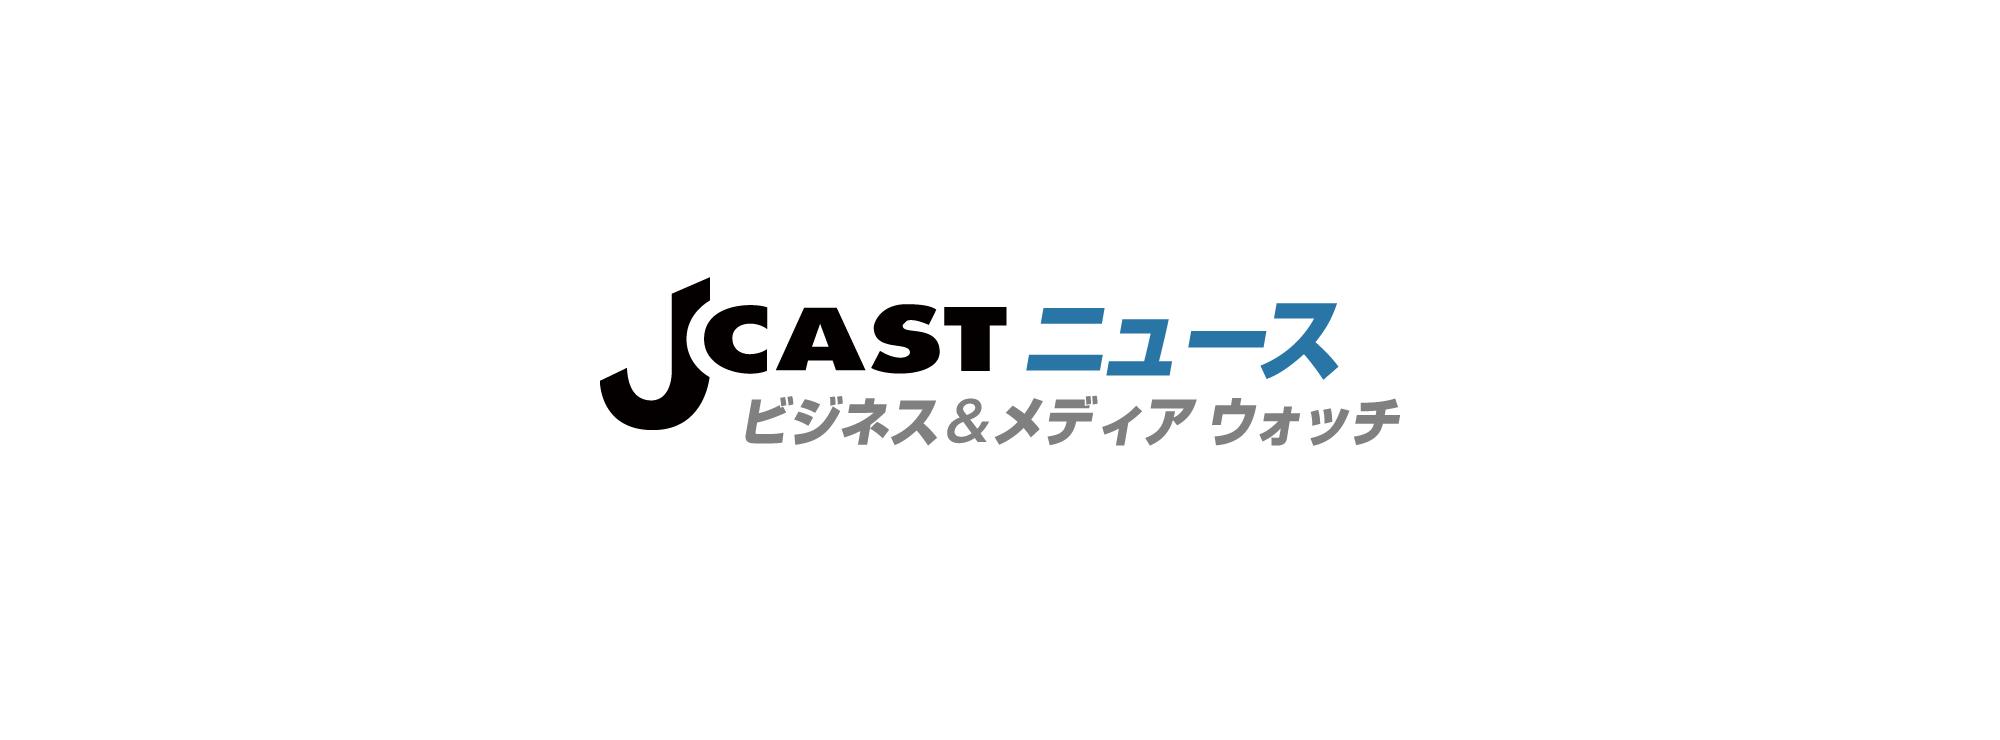 里田まい ビニール傘を盗まれる「誰か持ってちゃった」 : J-CASTテレビウォッチ